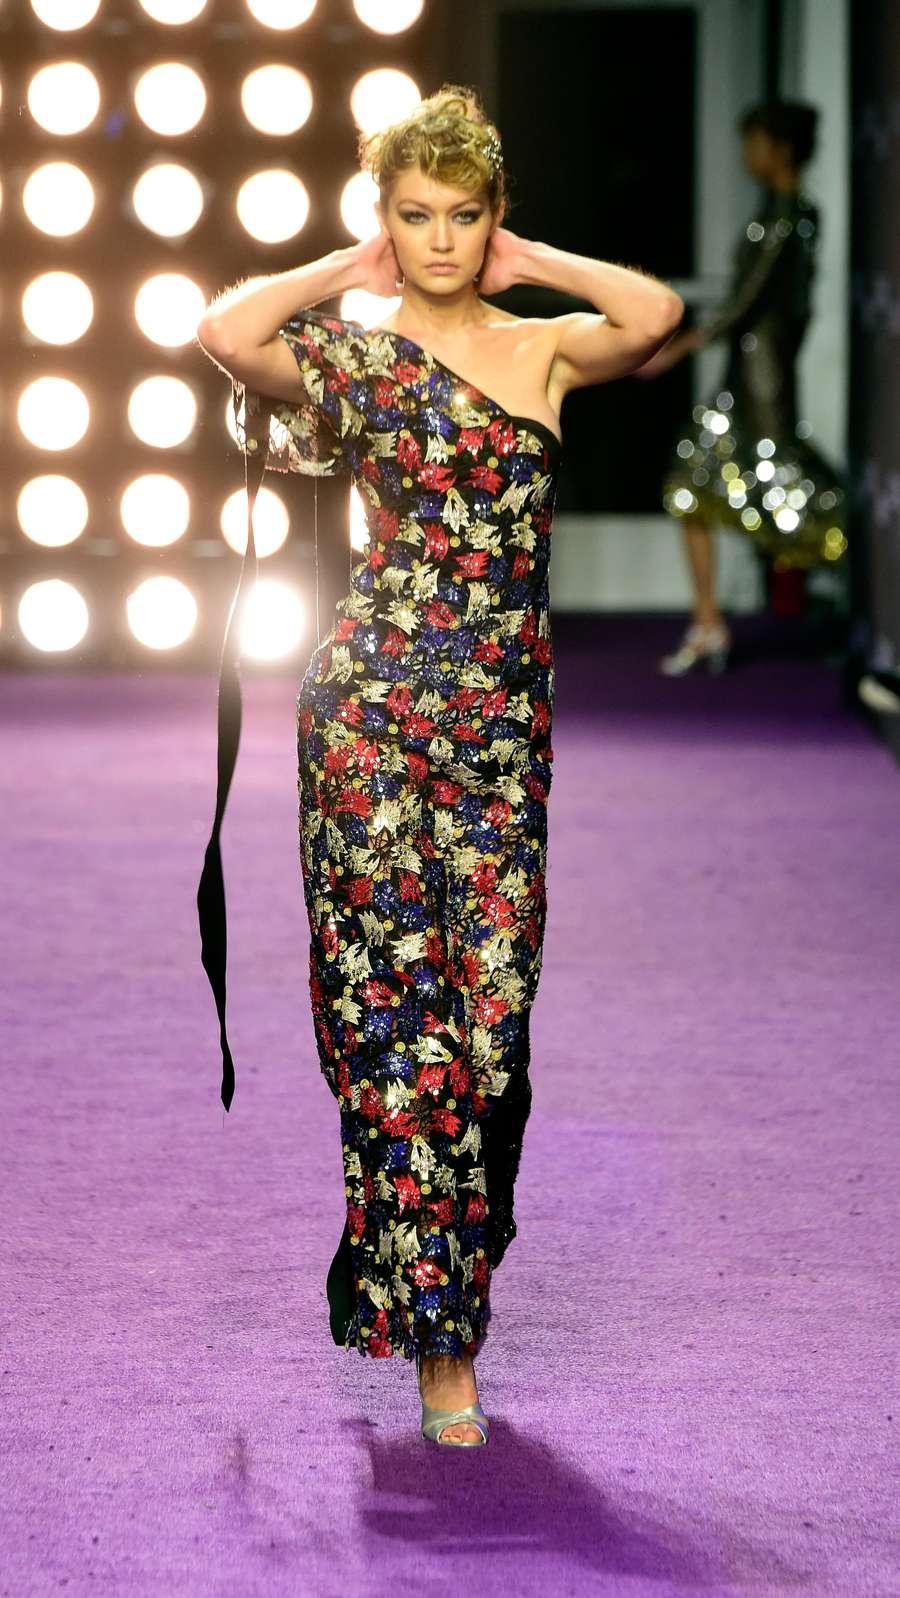 Lenggak-lenggok Gigi Hadid di Premiere Film Zoolander 2